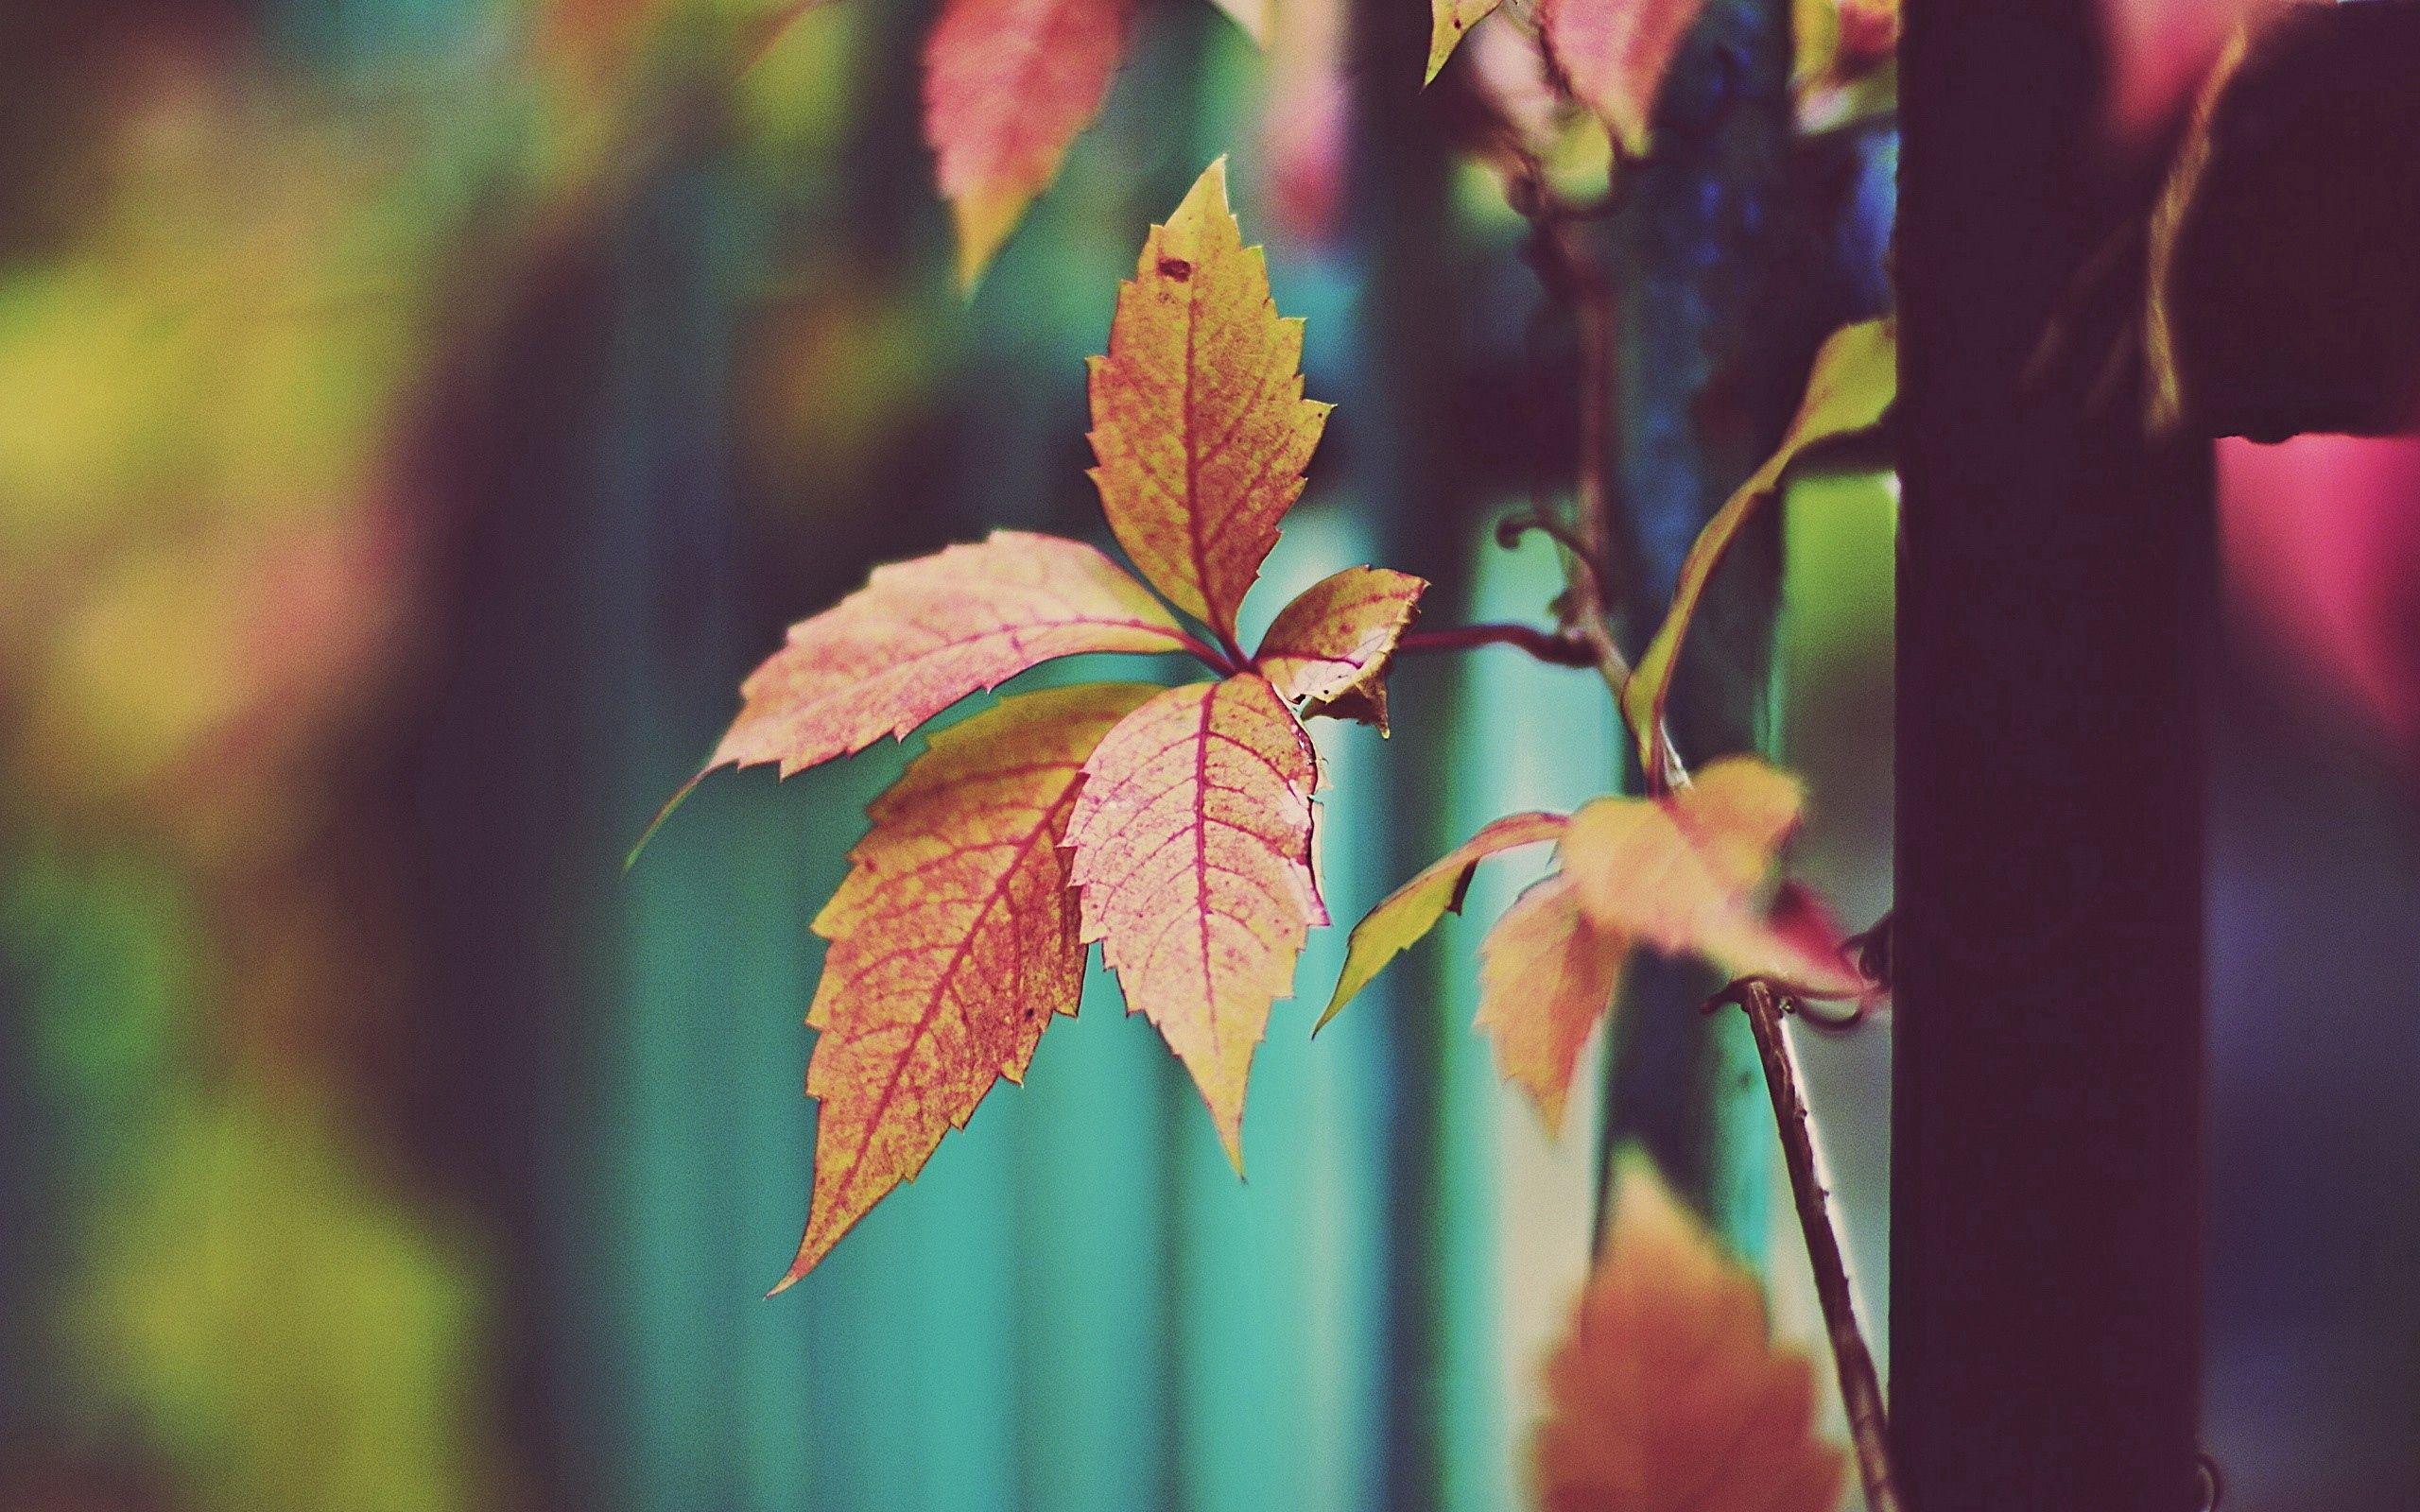 140189 Hintergrundbild 1024x600 kostenlos auf deinem Handy, lade Bilder Natur, Blätter, Pflanze, Ast, Zweig 1024x600 auf dein Handy herunter